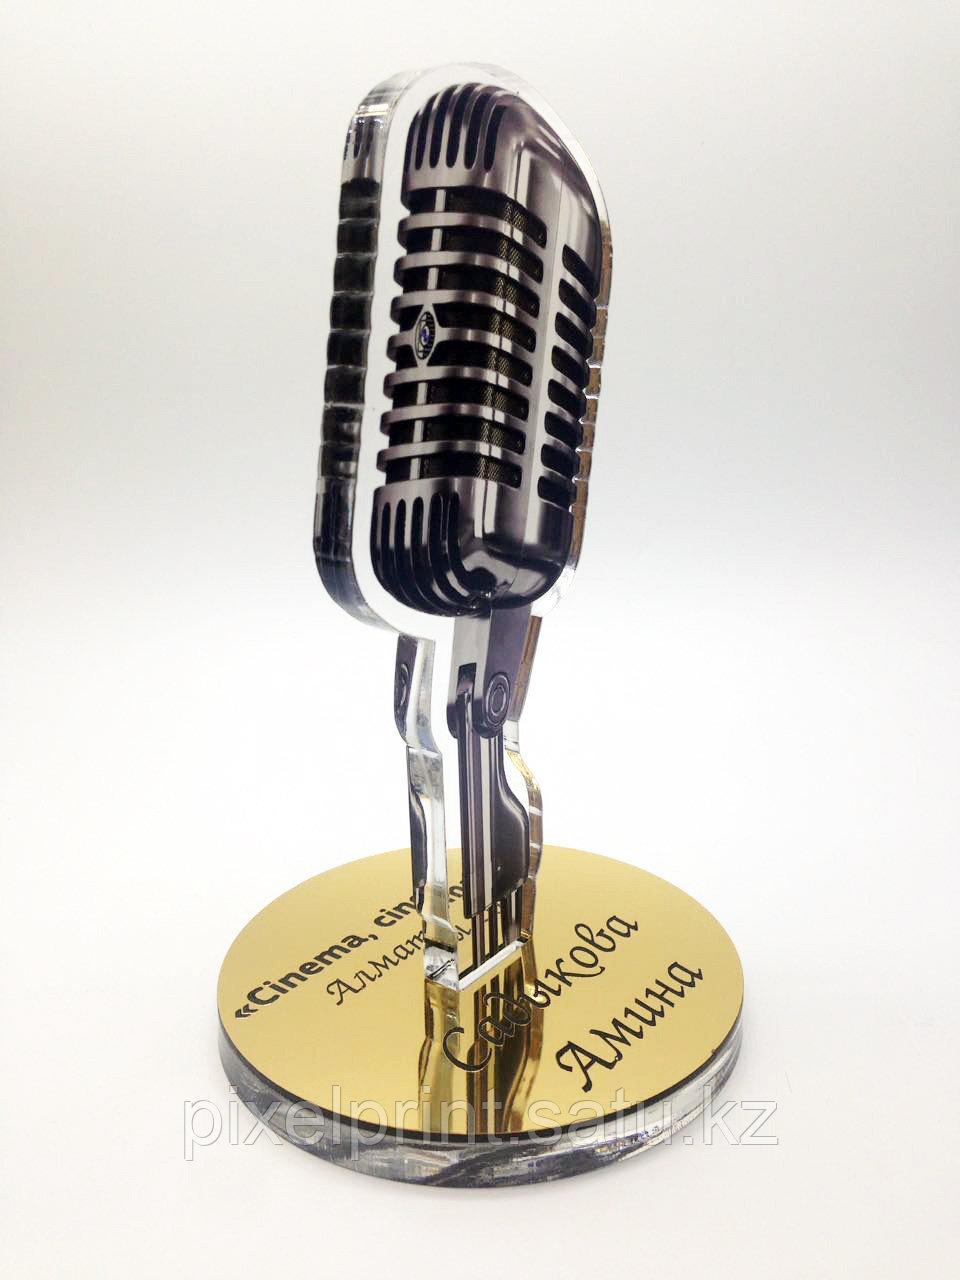 Награда в виде микрофона